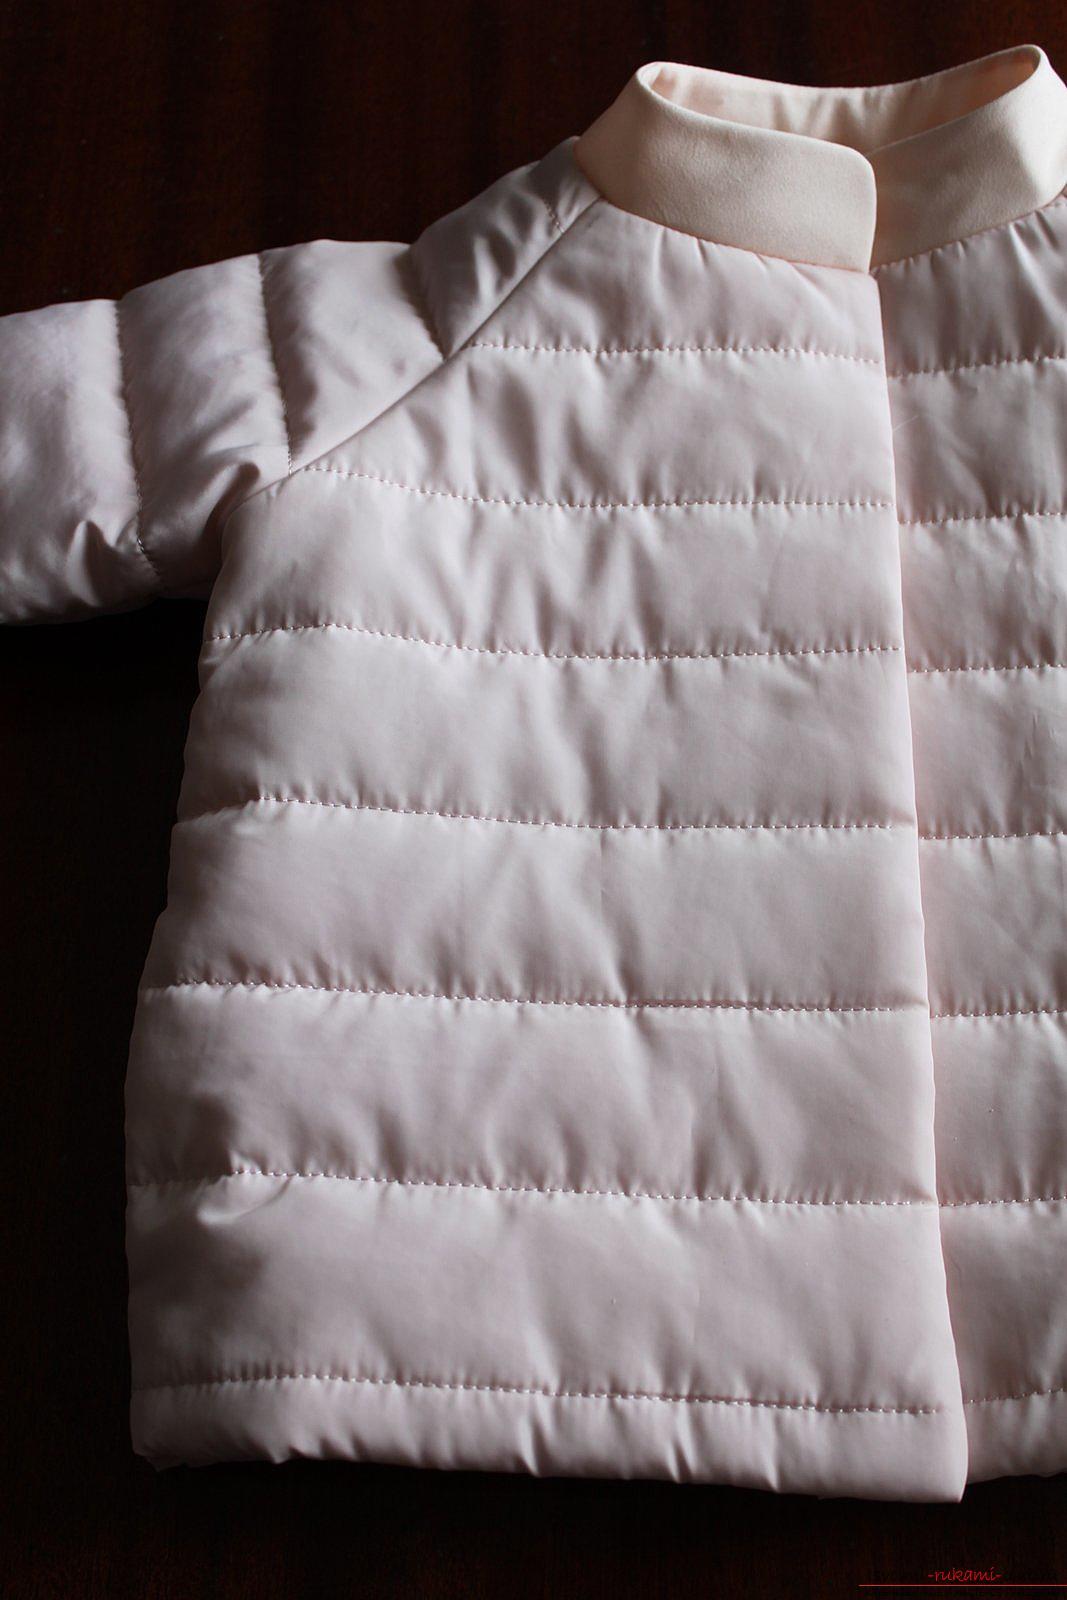 Этот мастер-класс с выкройкой одежды для девочек, фото и описанием шитья детской одежды расскажет как сшить куртки для девочек.. Фото №46